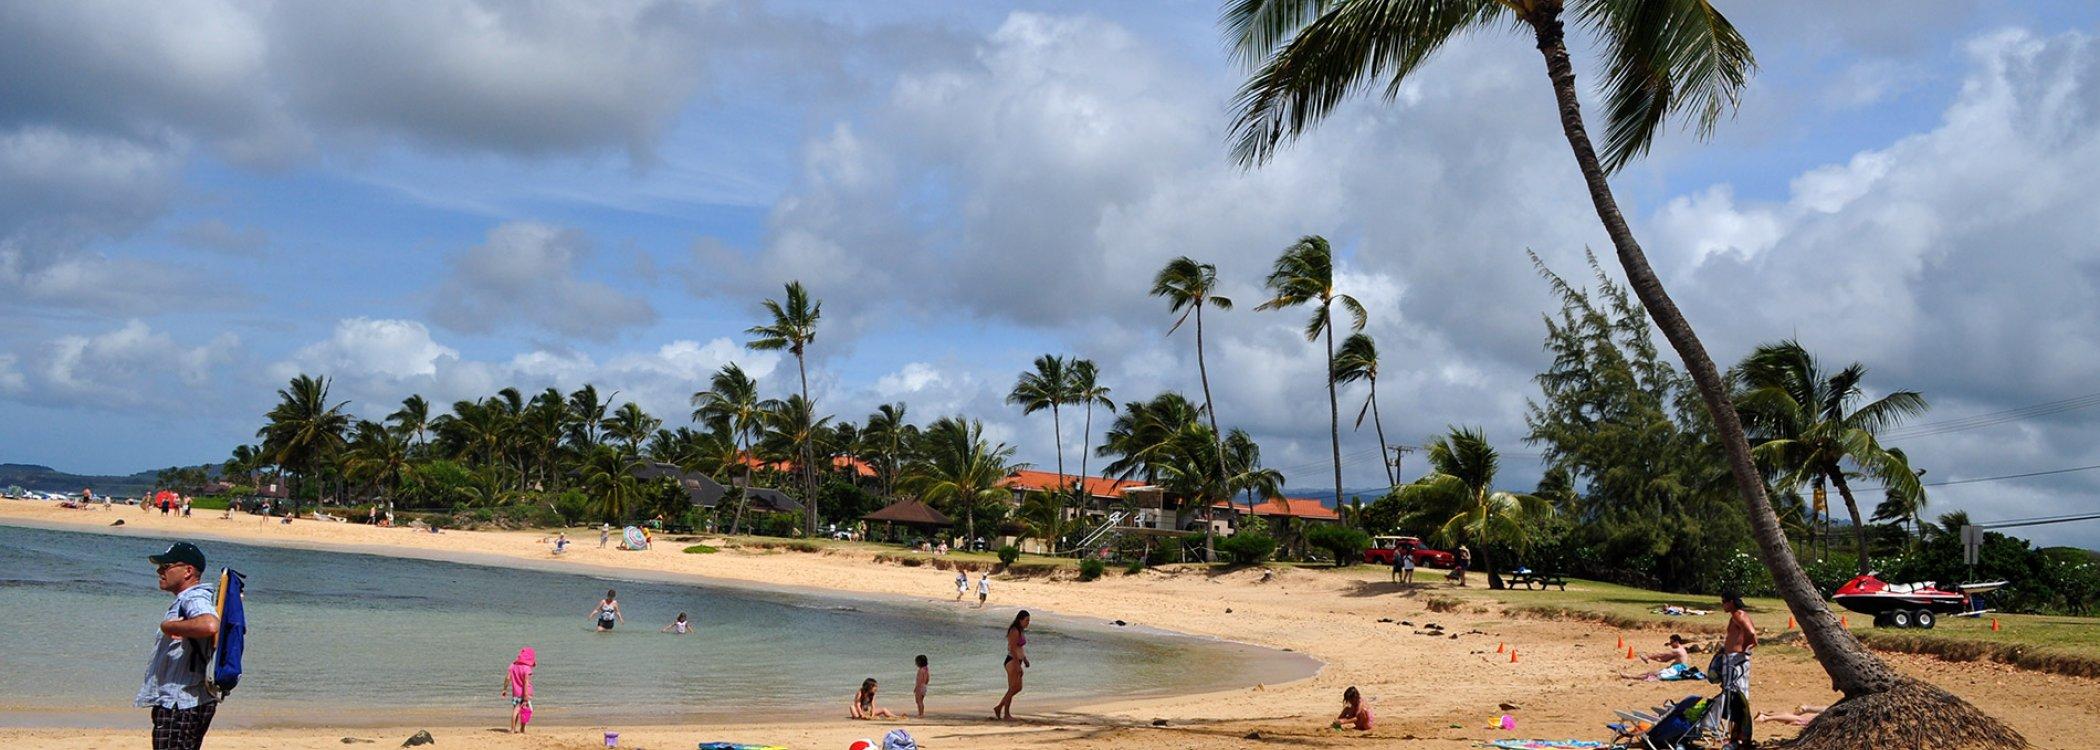 South Kauai Hotels